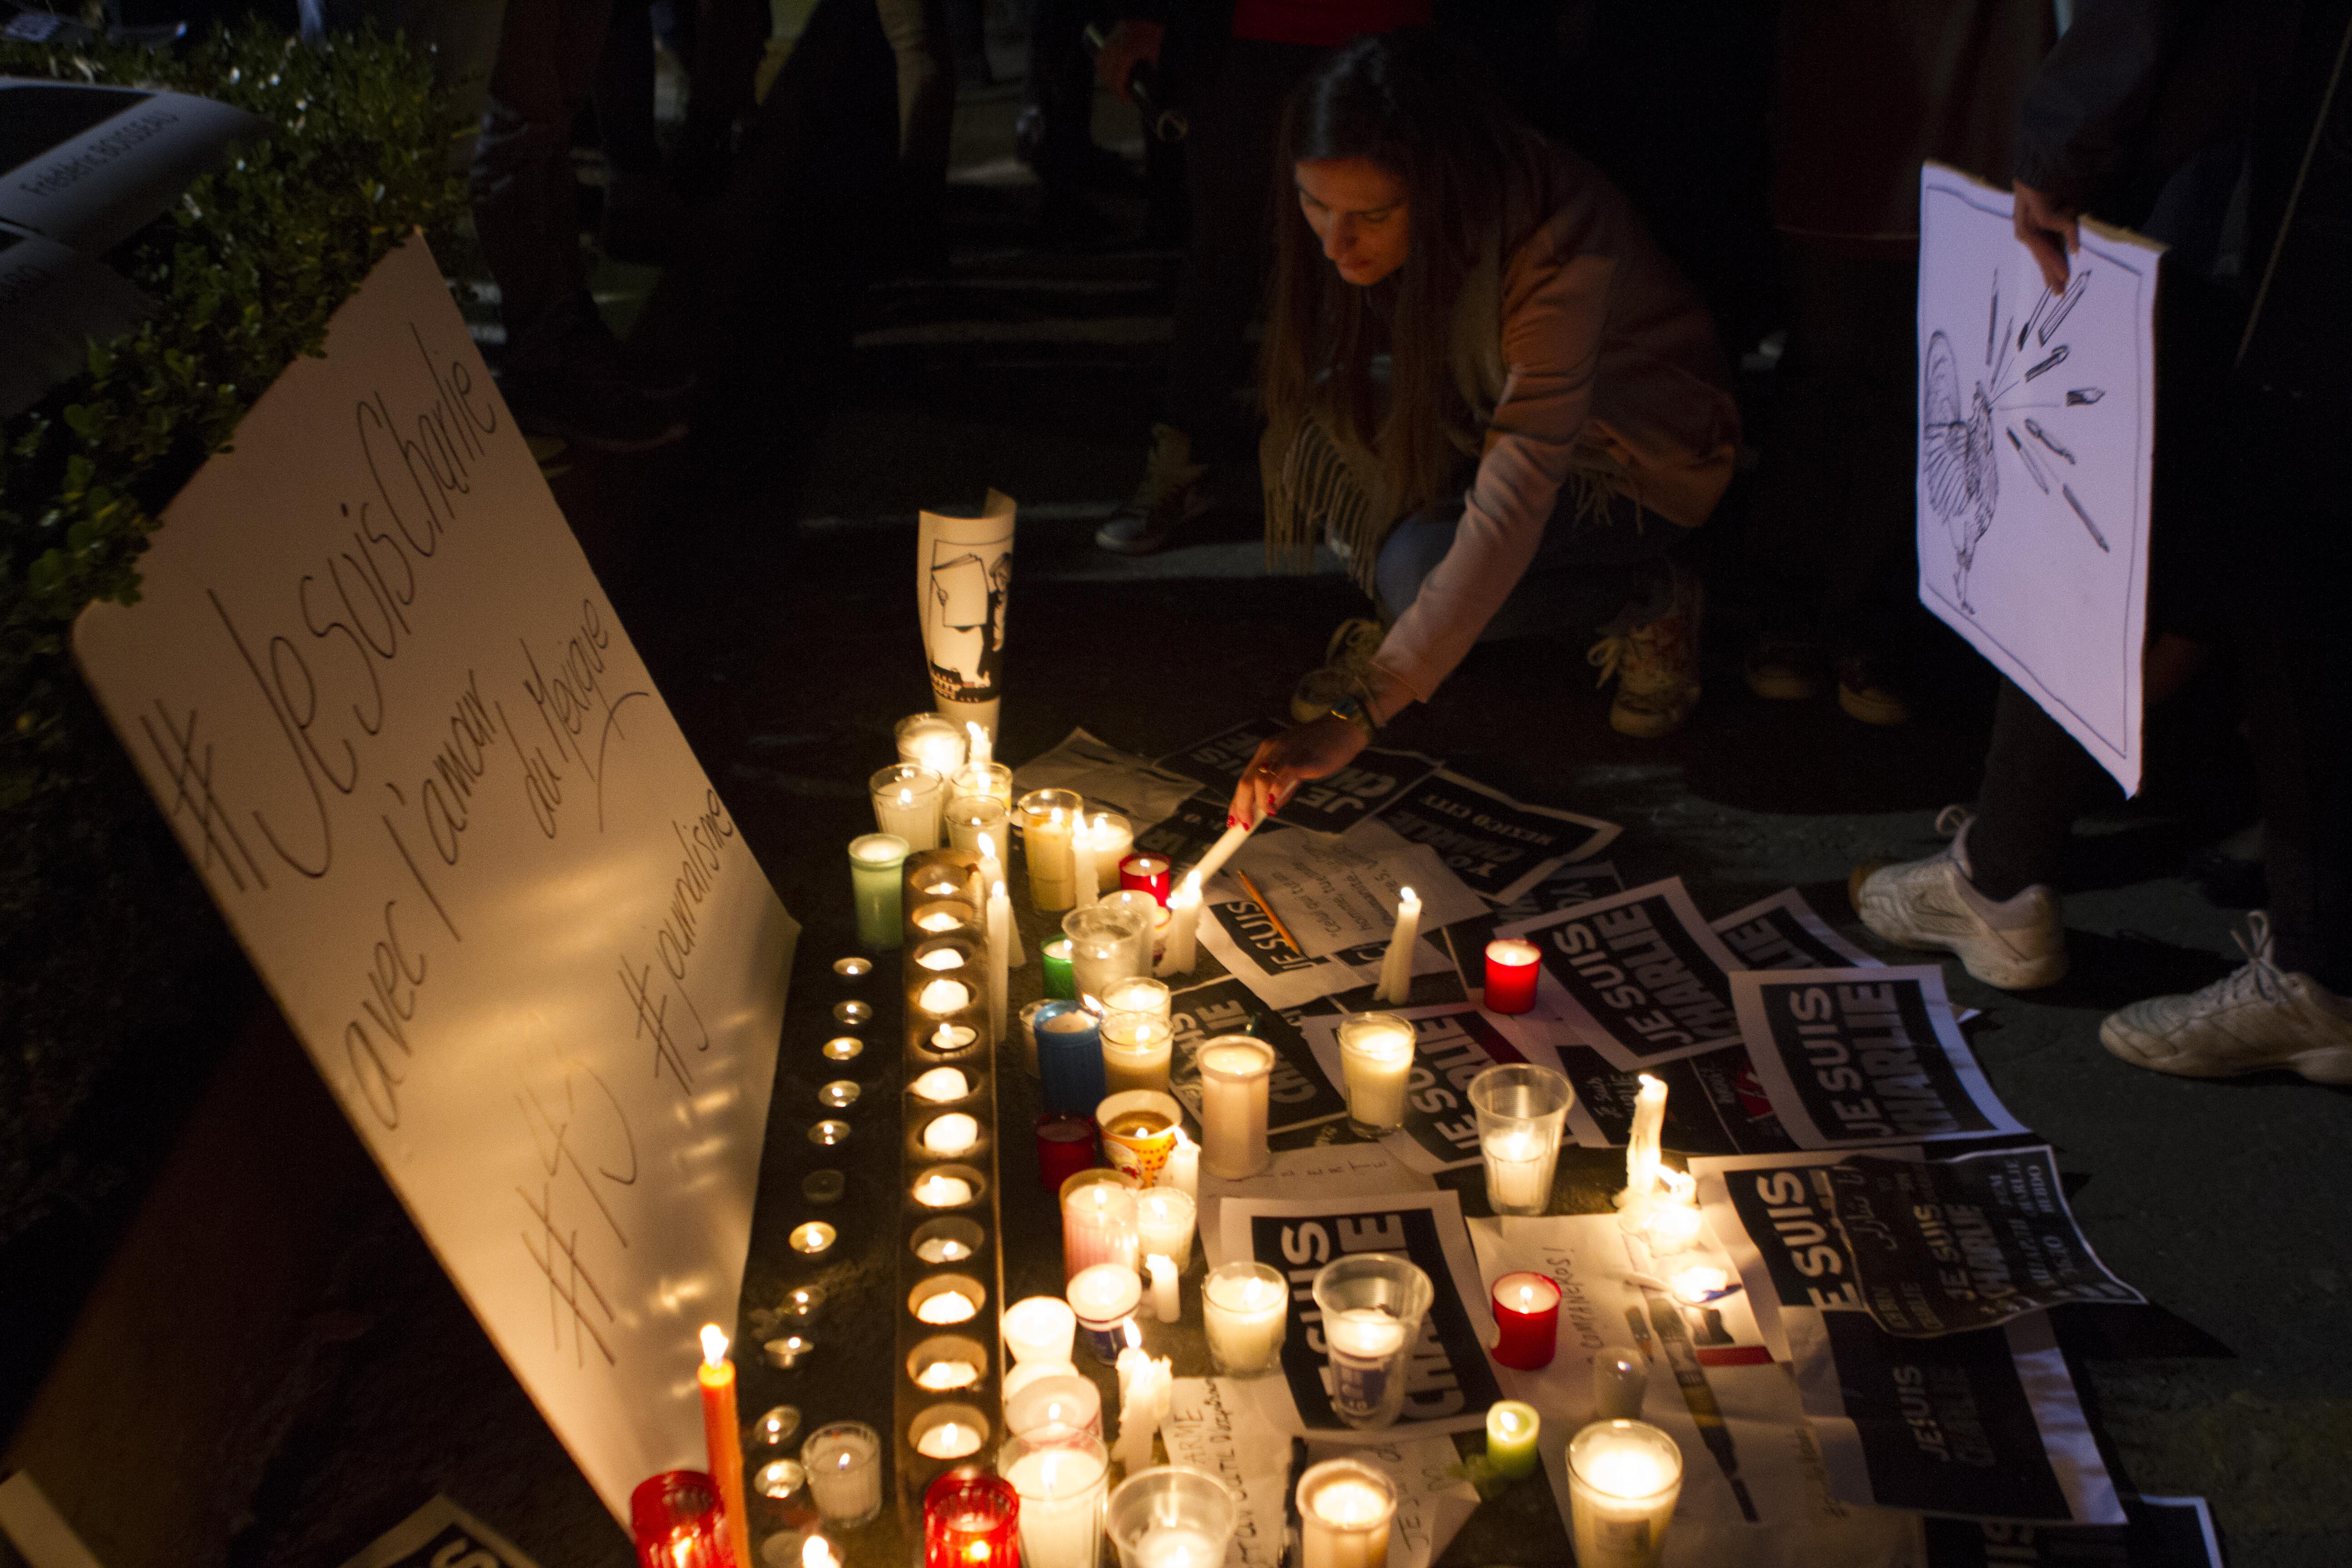 Decenas de personas acudieron a la Embajada de Francia en México a expresar su solidaridad luego del ataque perpetrado dentro de la redacción de la Revista Charlie Hebdo. FOTO: IVÁN STEPHENS /CUARTOSCURO.COM